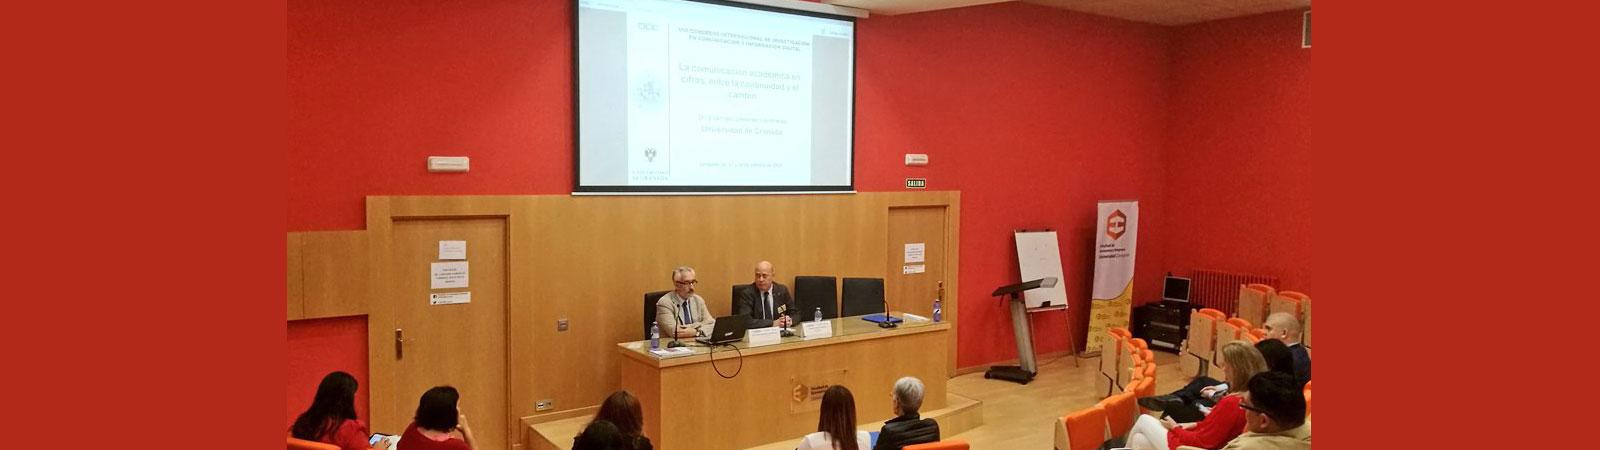 Evaristo Jiménez-Contreras defiende el papel de la ANECA y apuesta por mejorar el sistema